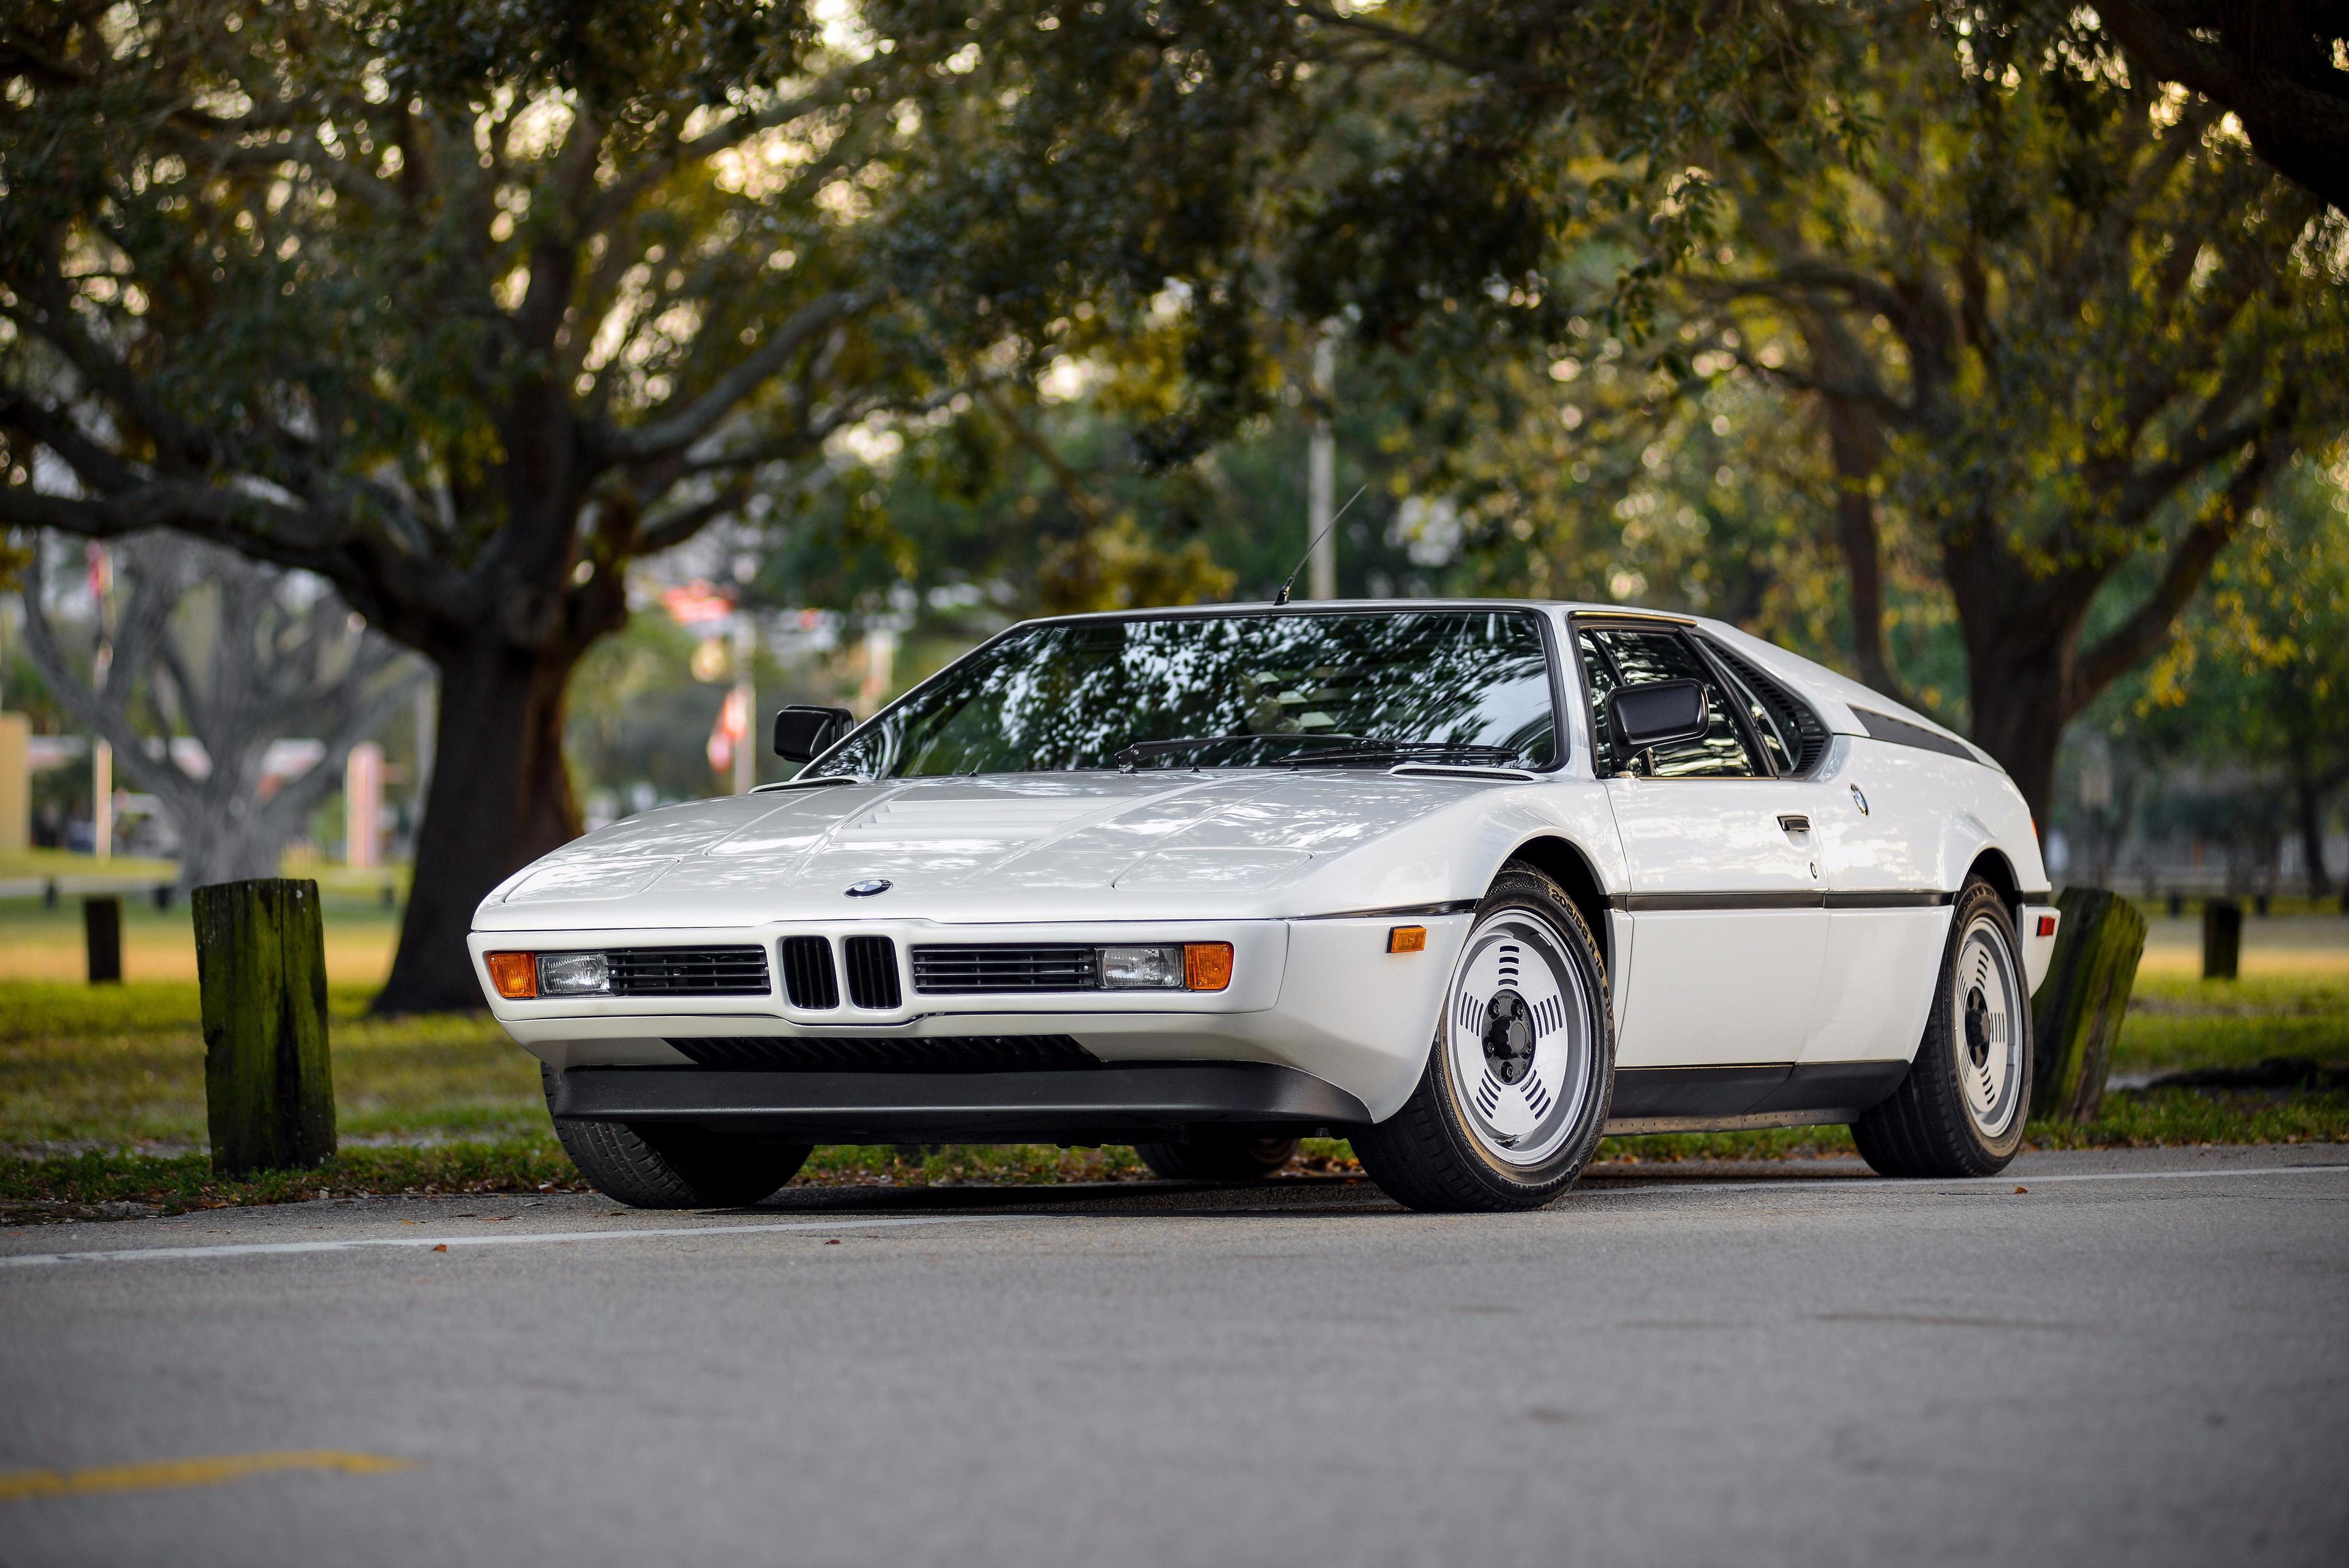 O M1 tinha a frente em cunha dos esportivos da época, mas com a grade dupla dos BMW